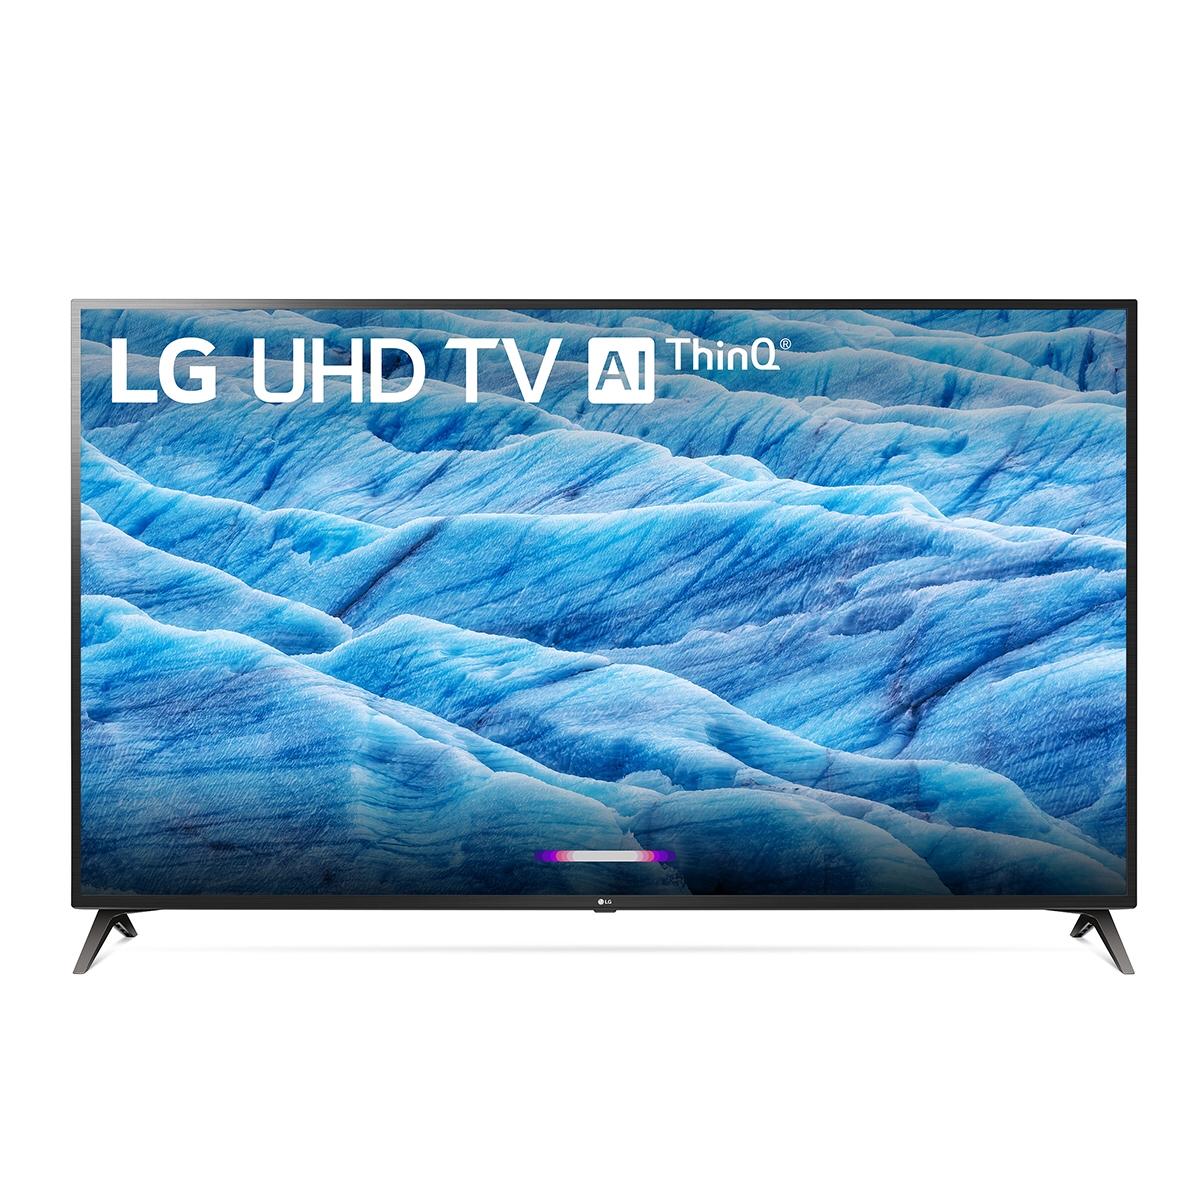 UM7370 70UM7370PUA 70Inch 4K UHD Smart TV with AI ThinQ